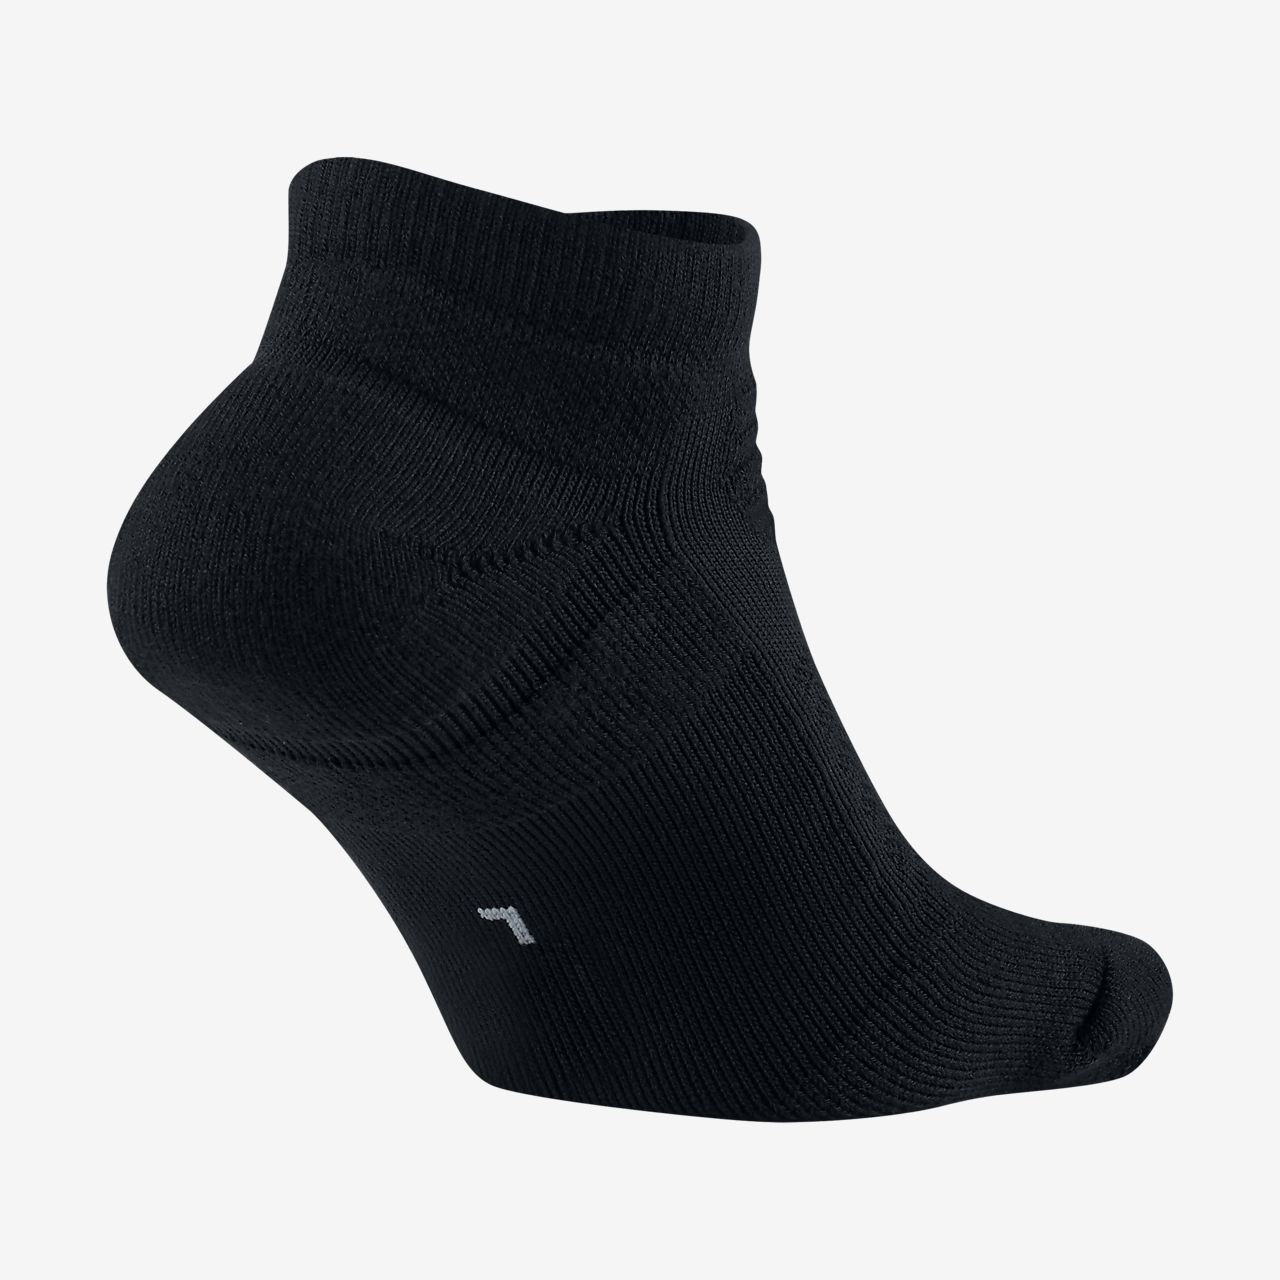 Jordan Dry Flight 2.0 Ankle Basketball Socks